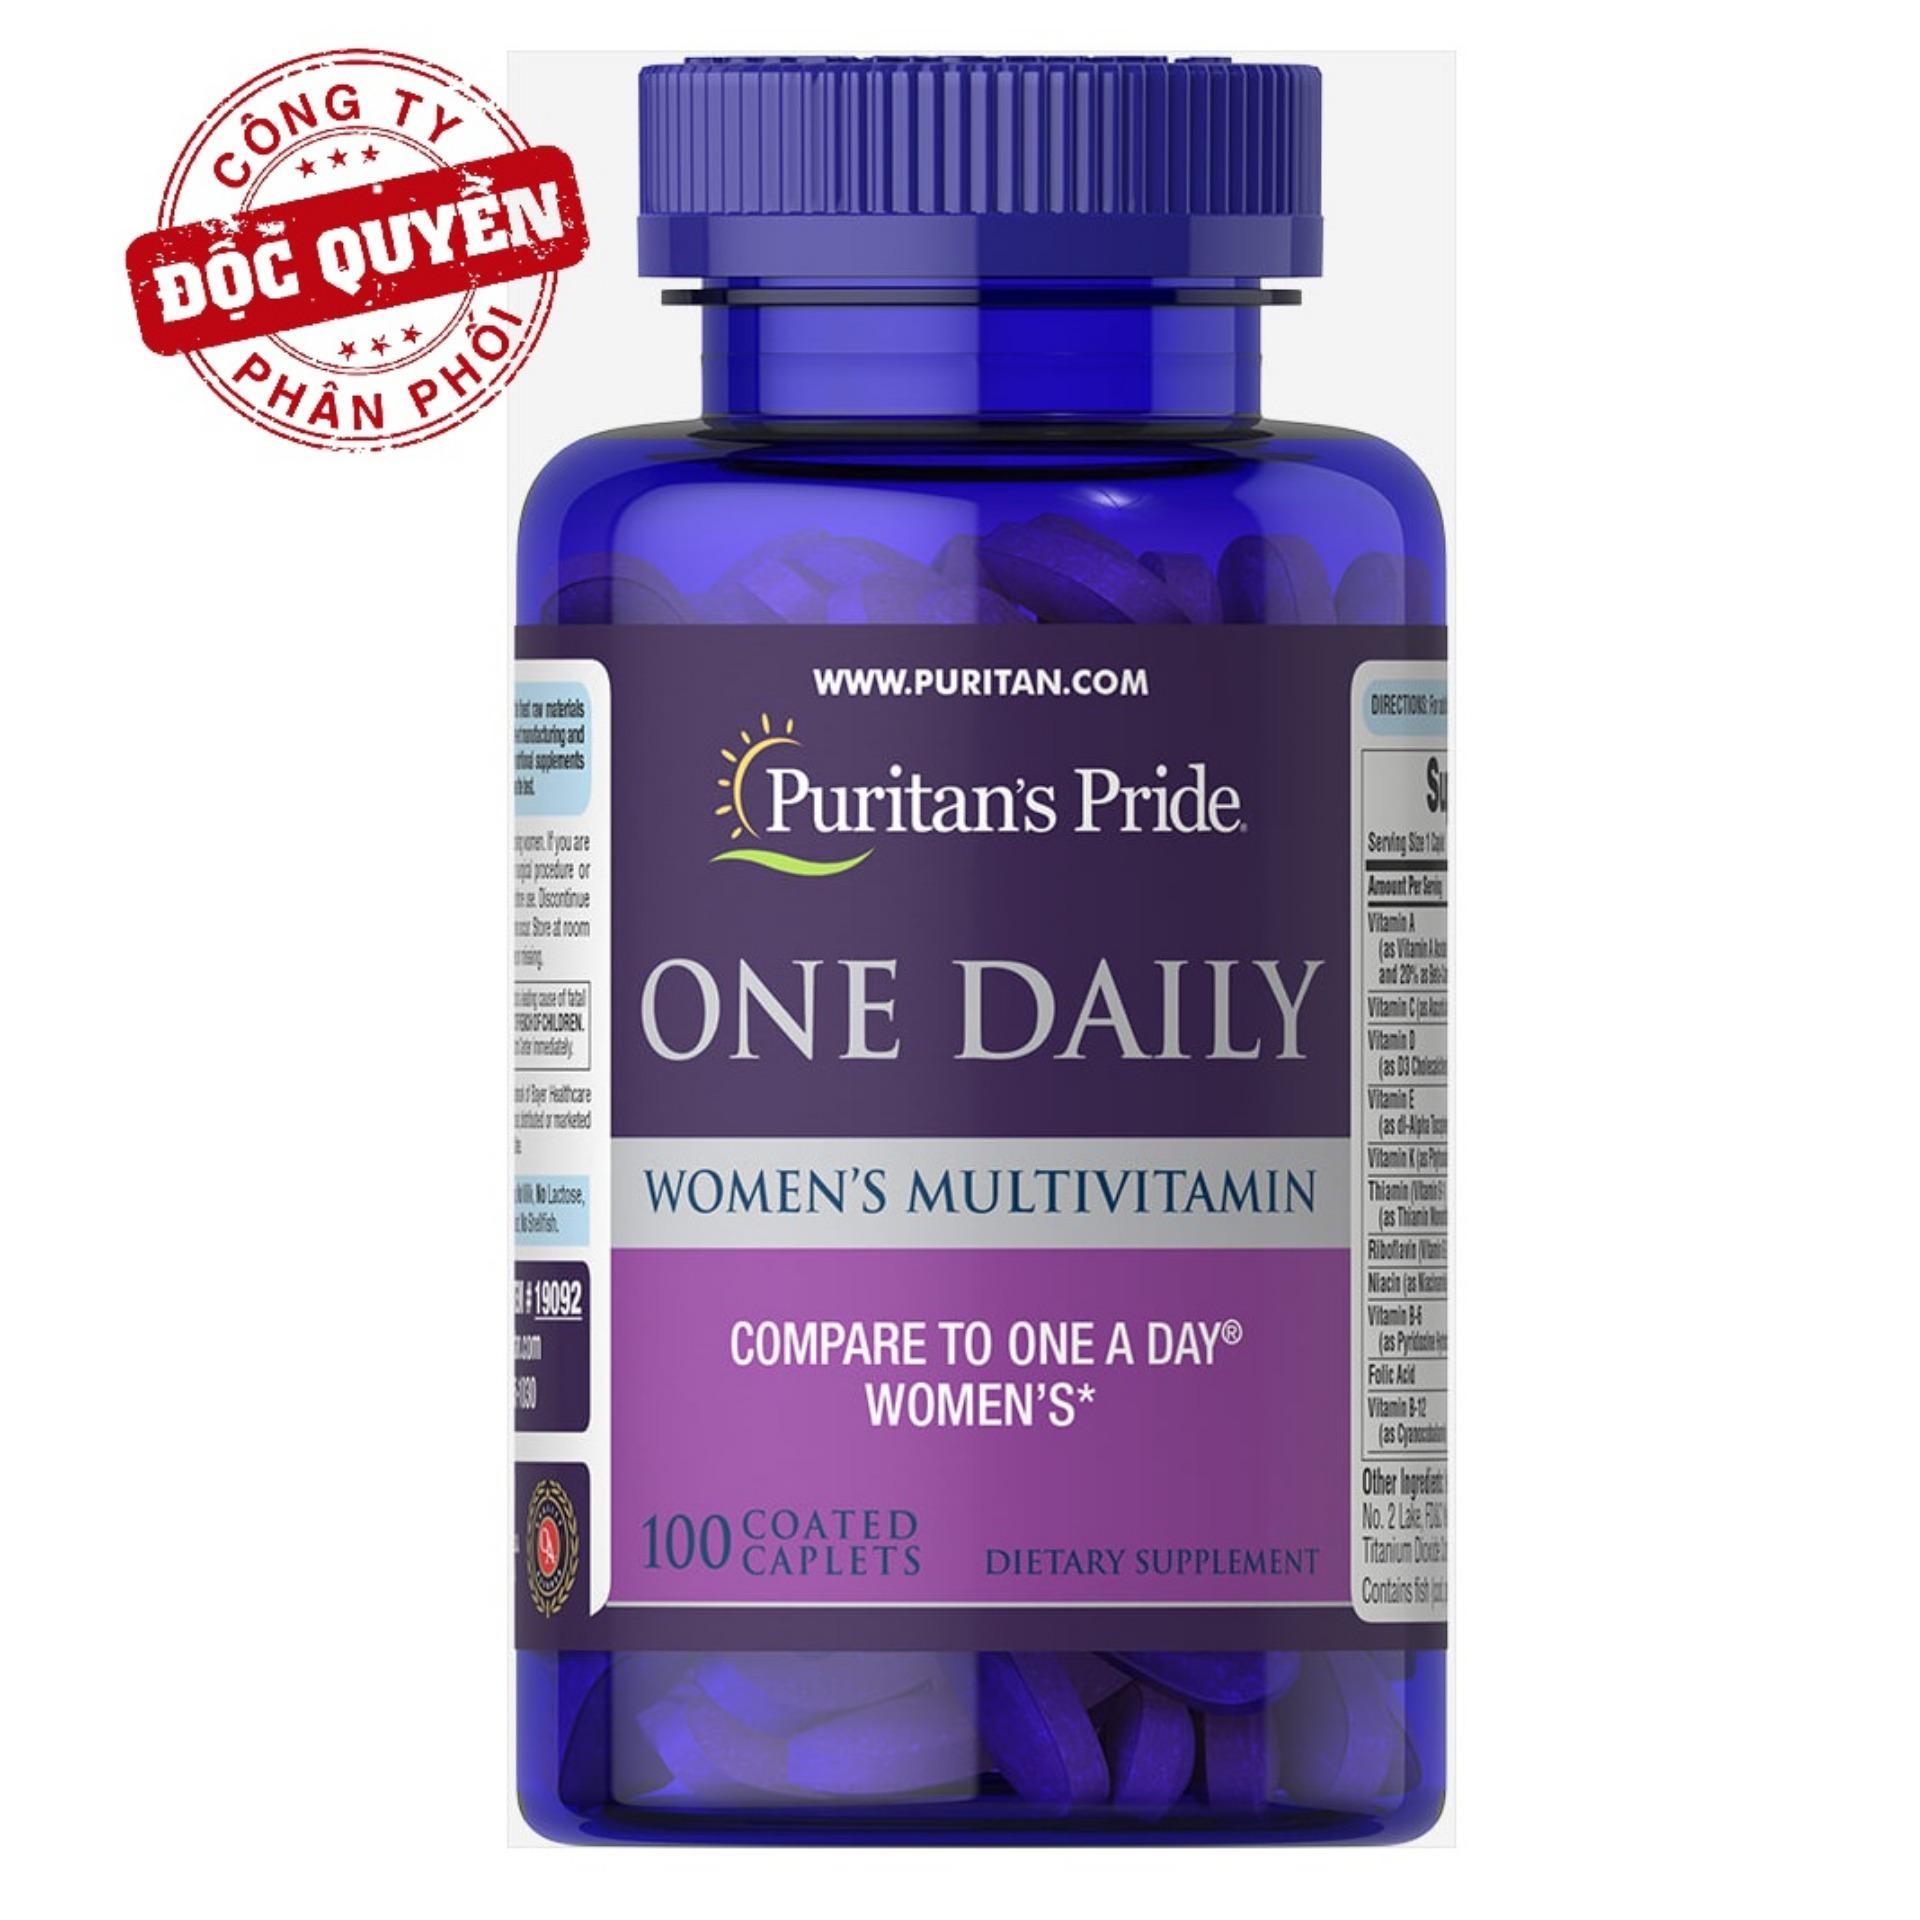 Vitamin tổng hợp cho phụ nữ , tăng cường sức khỏe,hỗ trợ hệ miễn dịch 1 viên/ngày Puritans Pride One Daily Womens Multivitamin 100 viên HSD tháng 4/2022 cao cấp